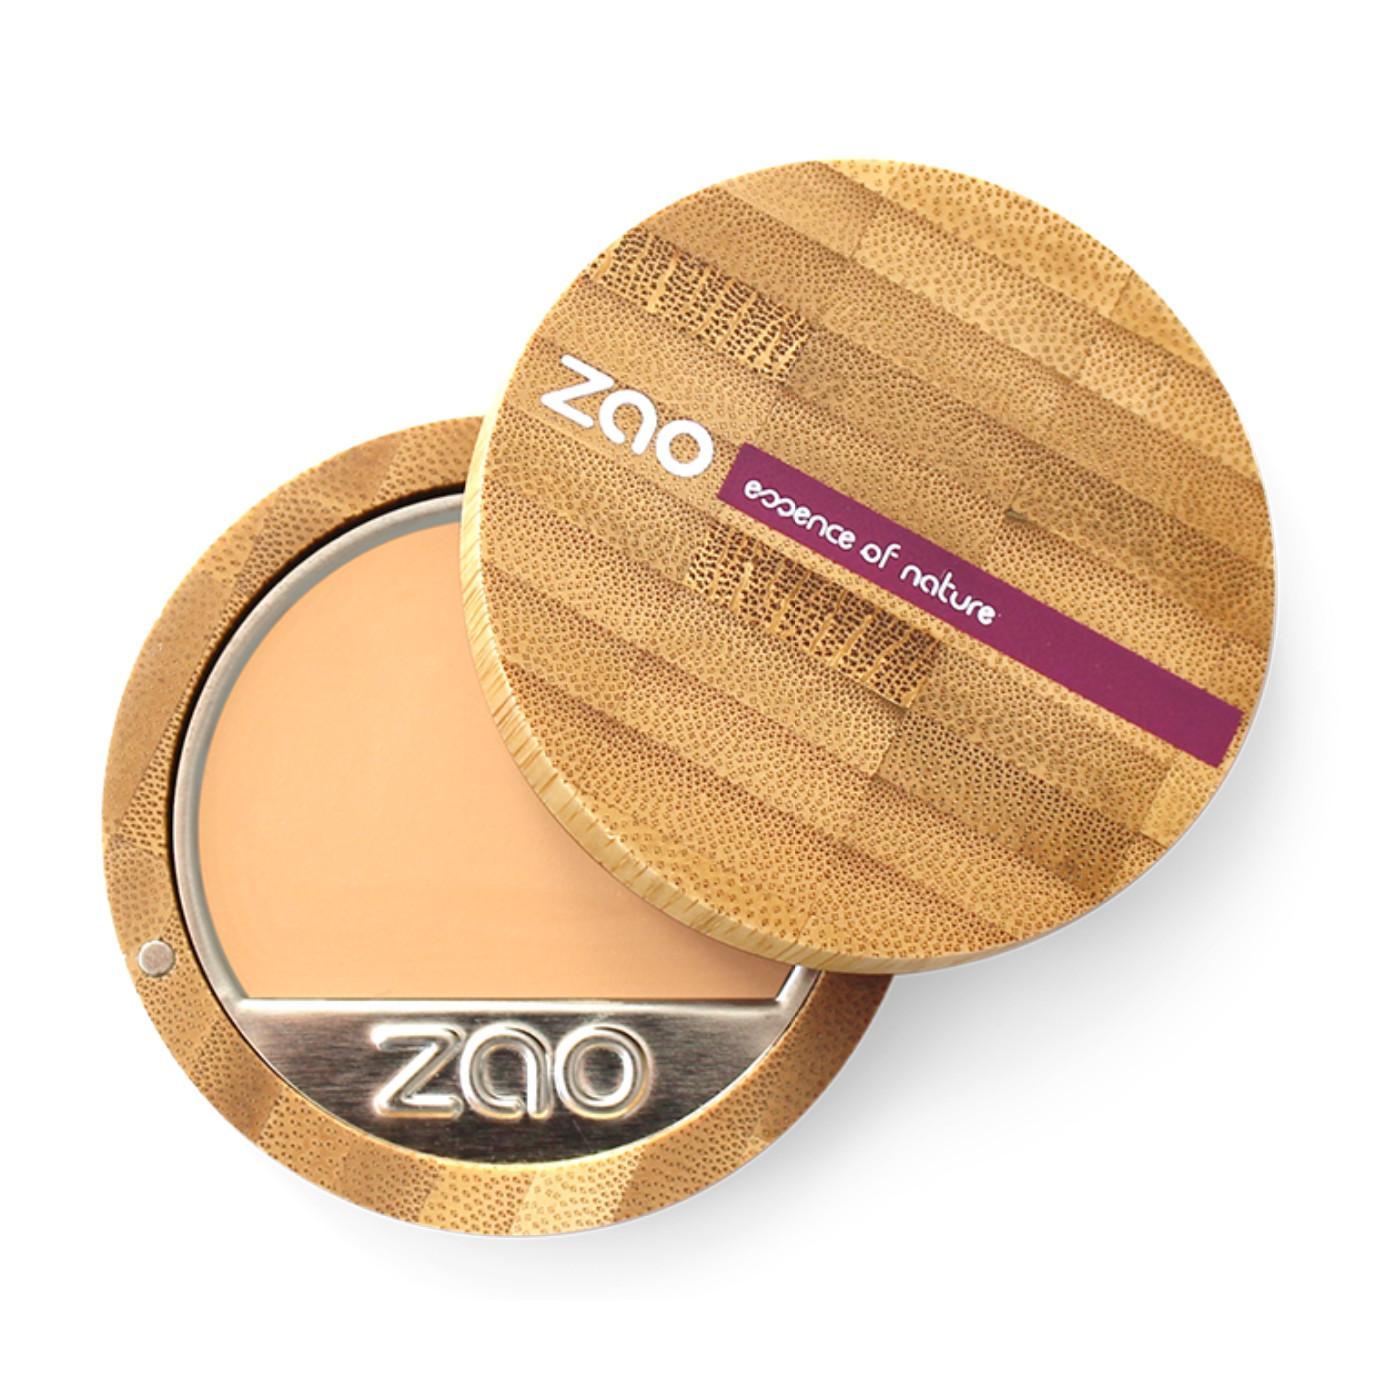 ZAO Kompaktní make-up 728 Very Light Ochre 6 g bambusový obal